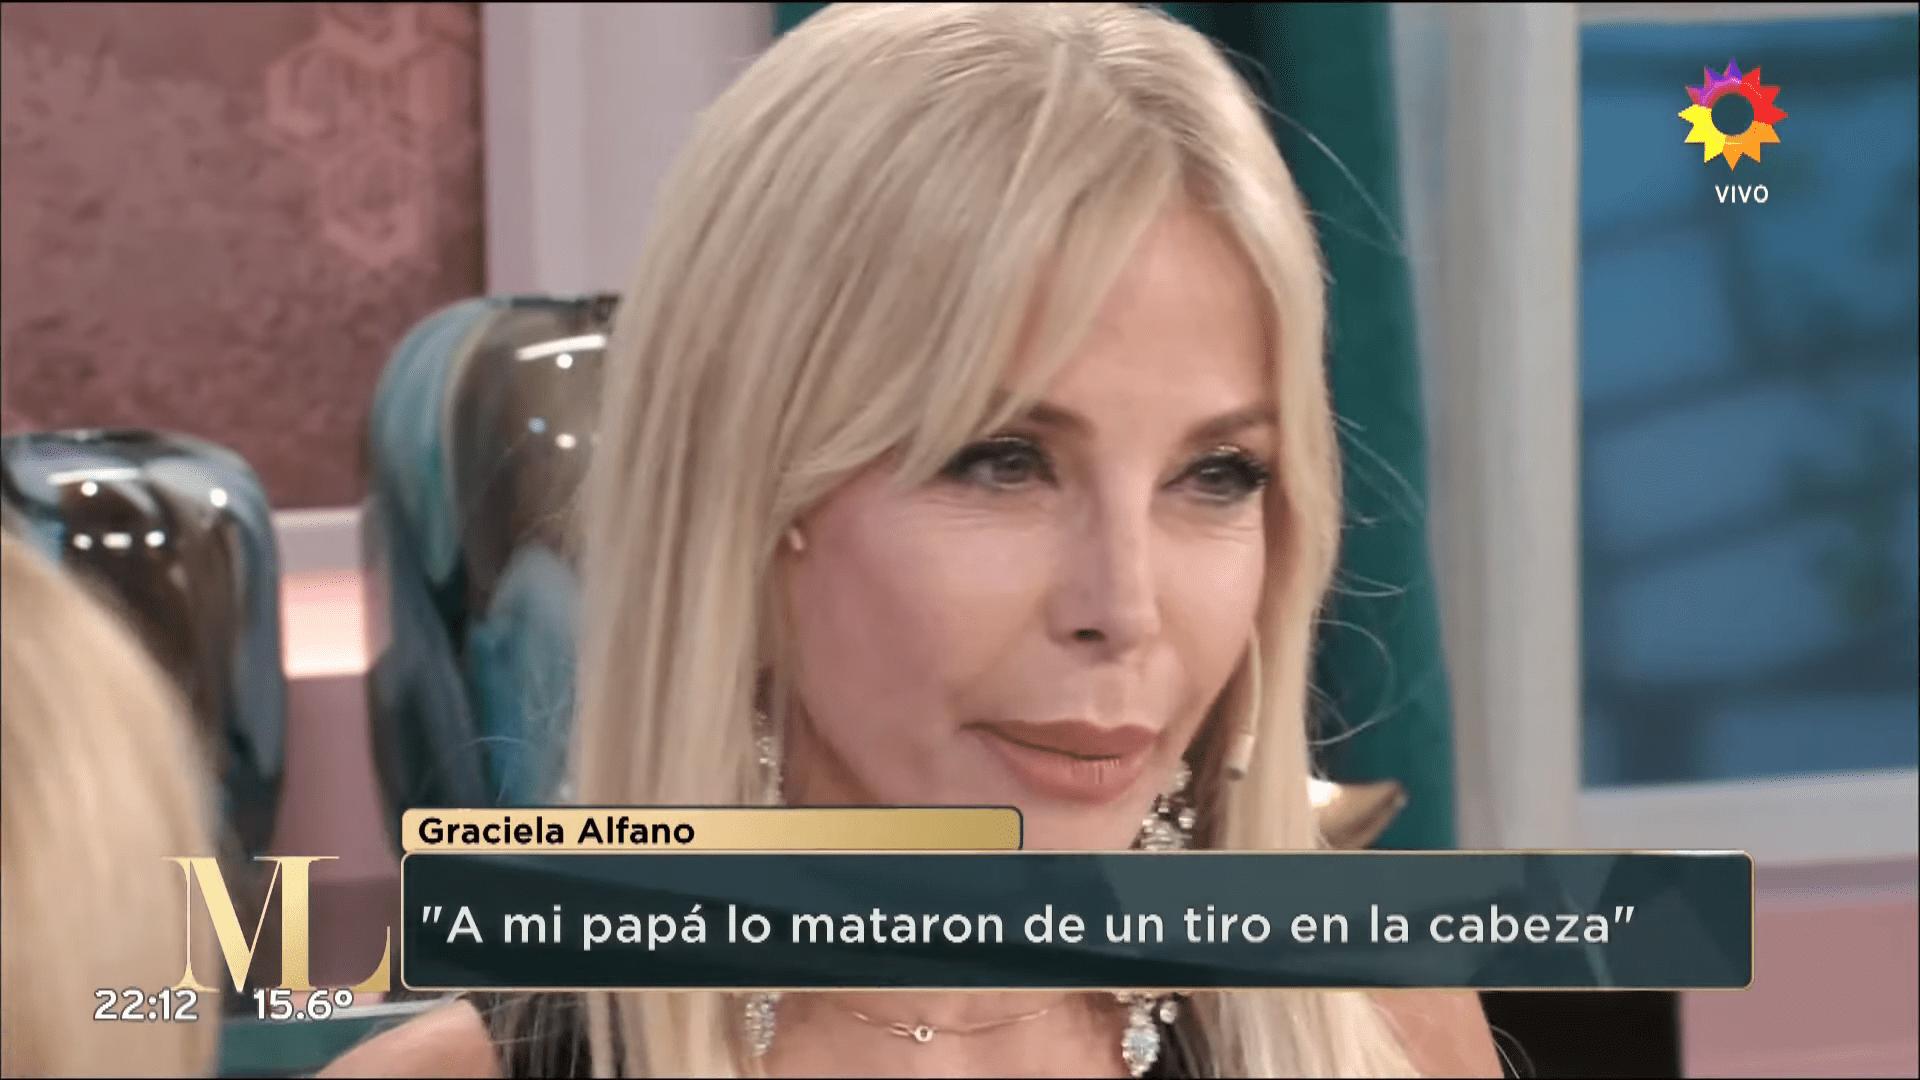 Graciela Alfano contando su historia │Imagen tomada de: YouTube / eltrece